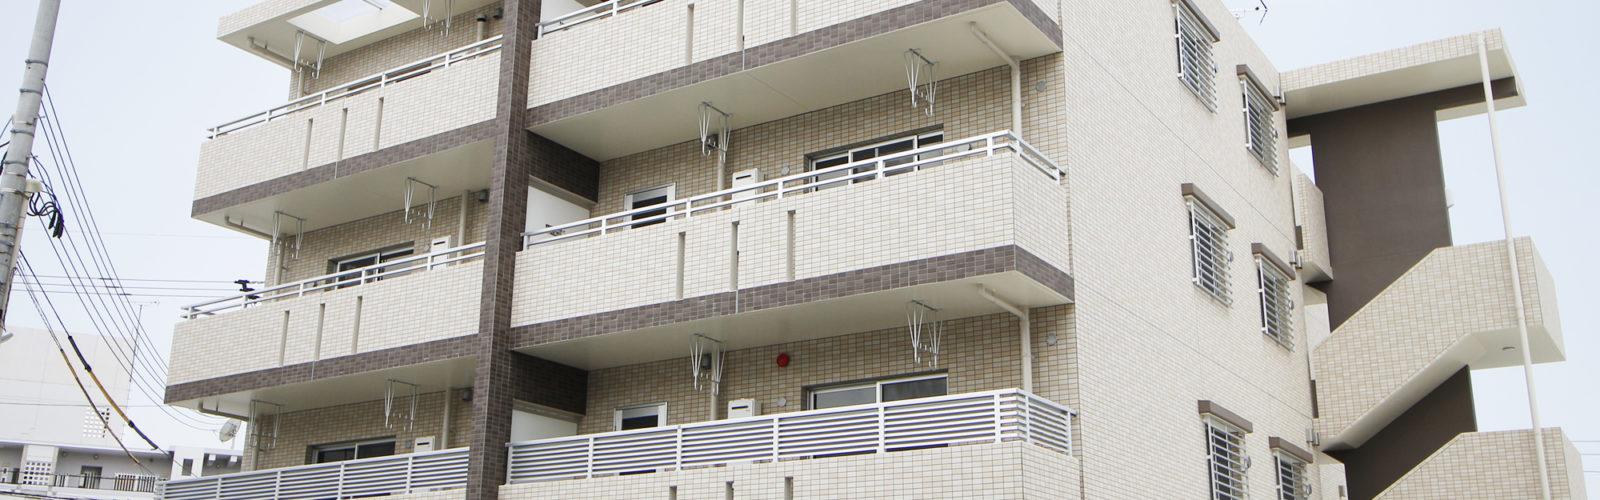 全室角部屋&中廊下で、ワンランクアップの住み心地を実現!